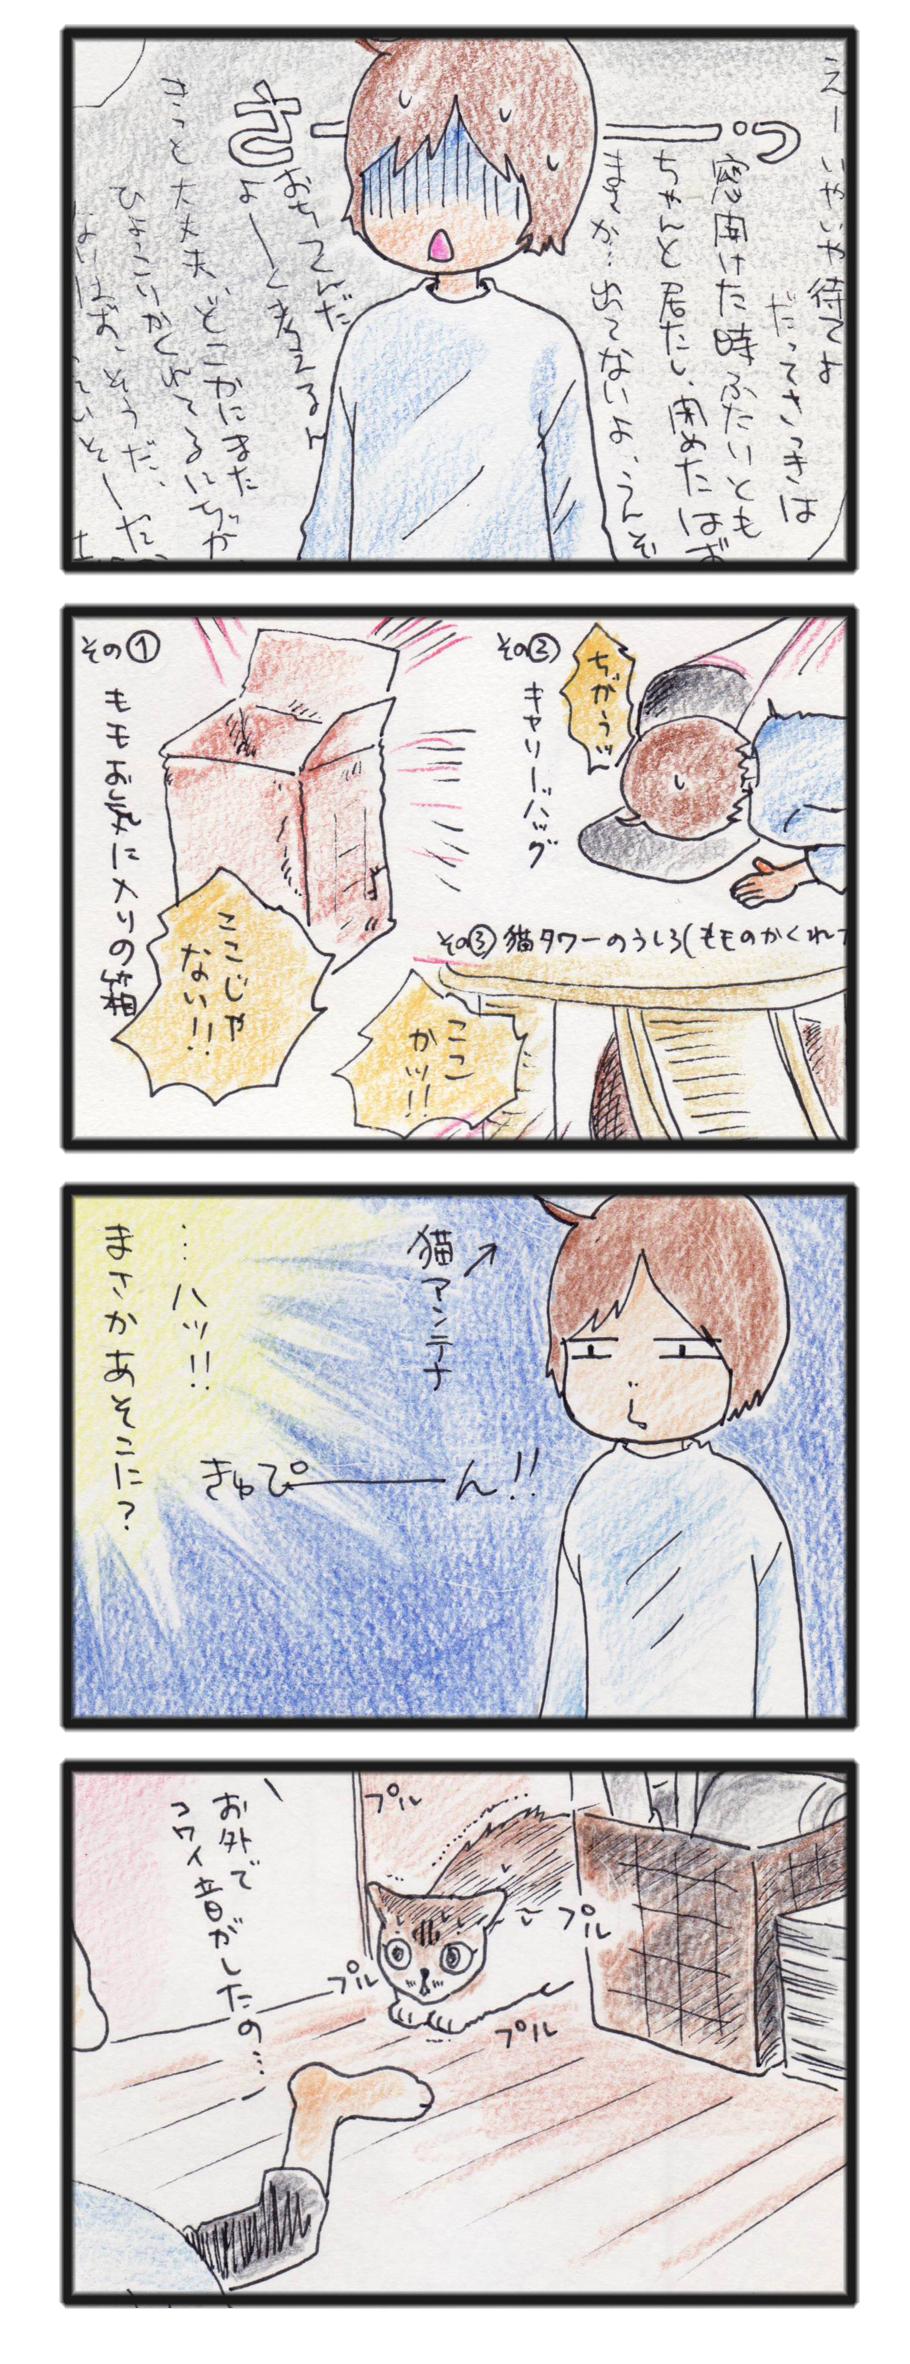 comic_4c_14072503.jpg